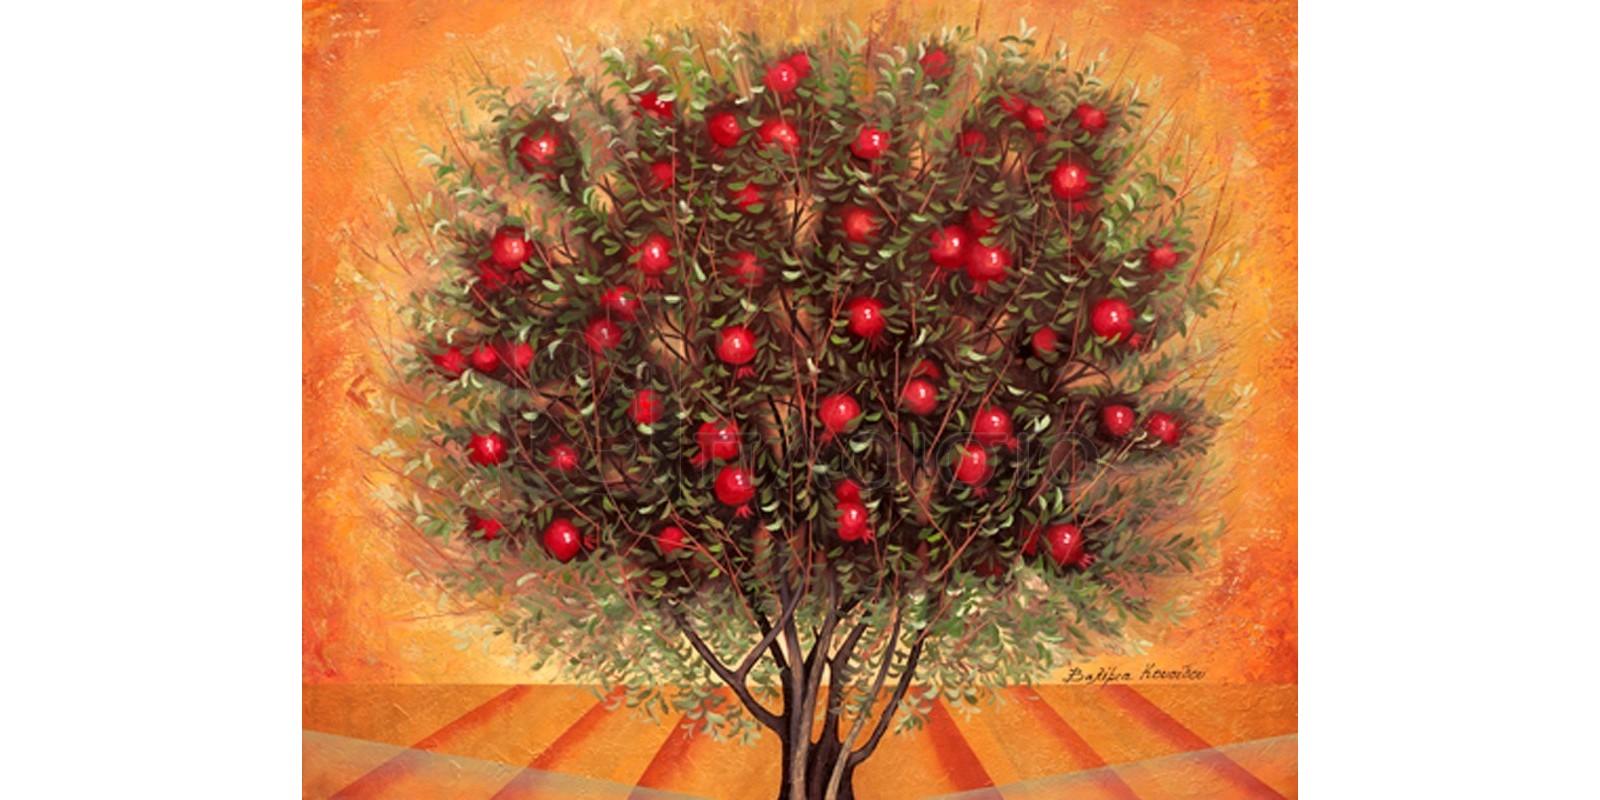 Βαλέρια Κουσίδου - Pomegranate